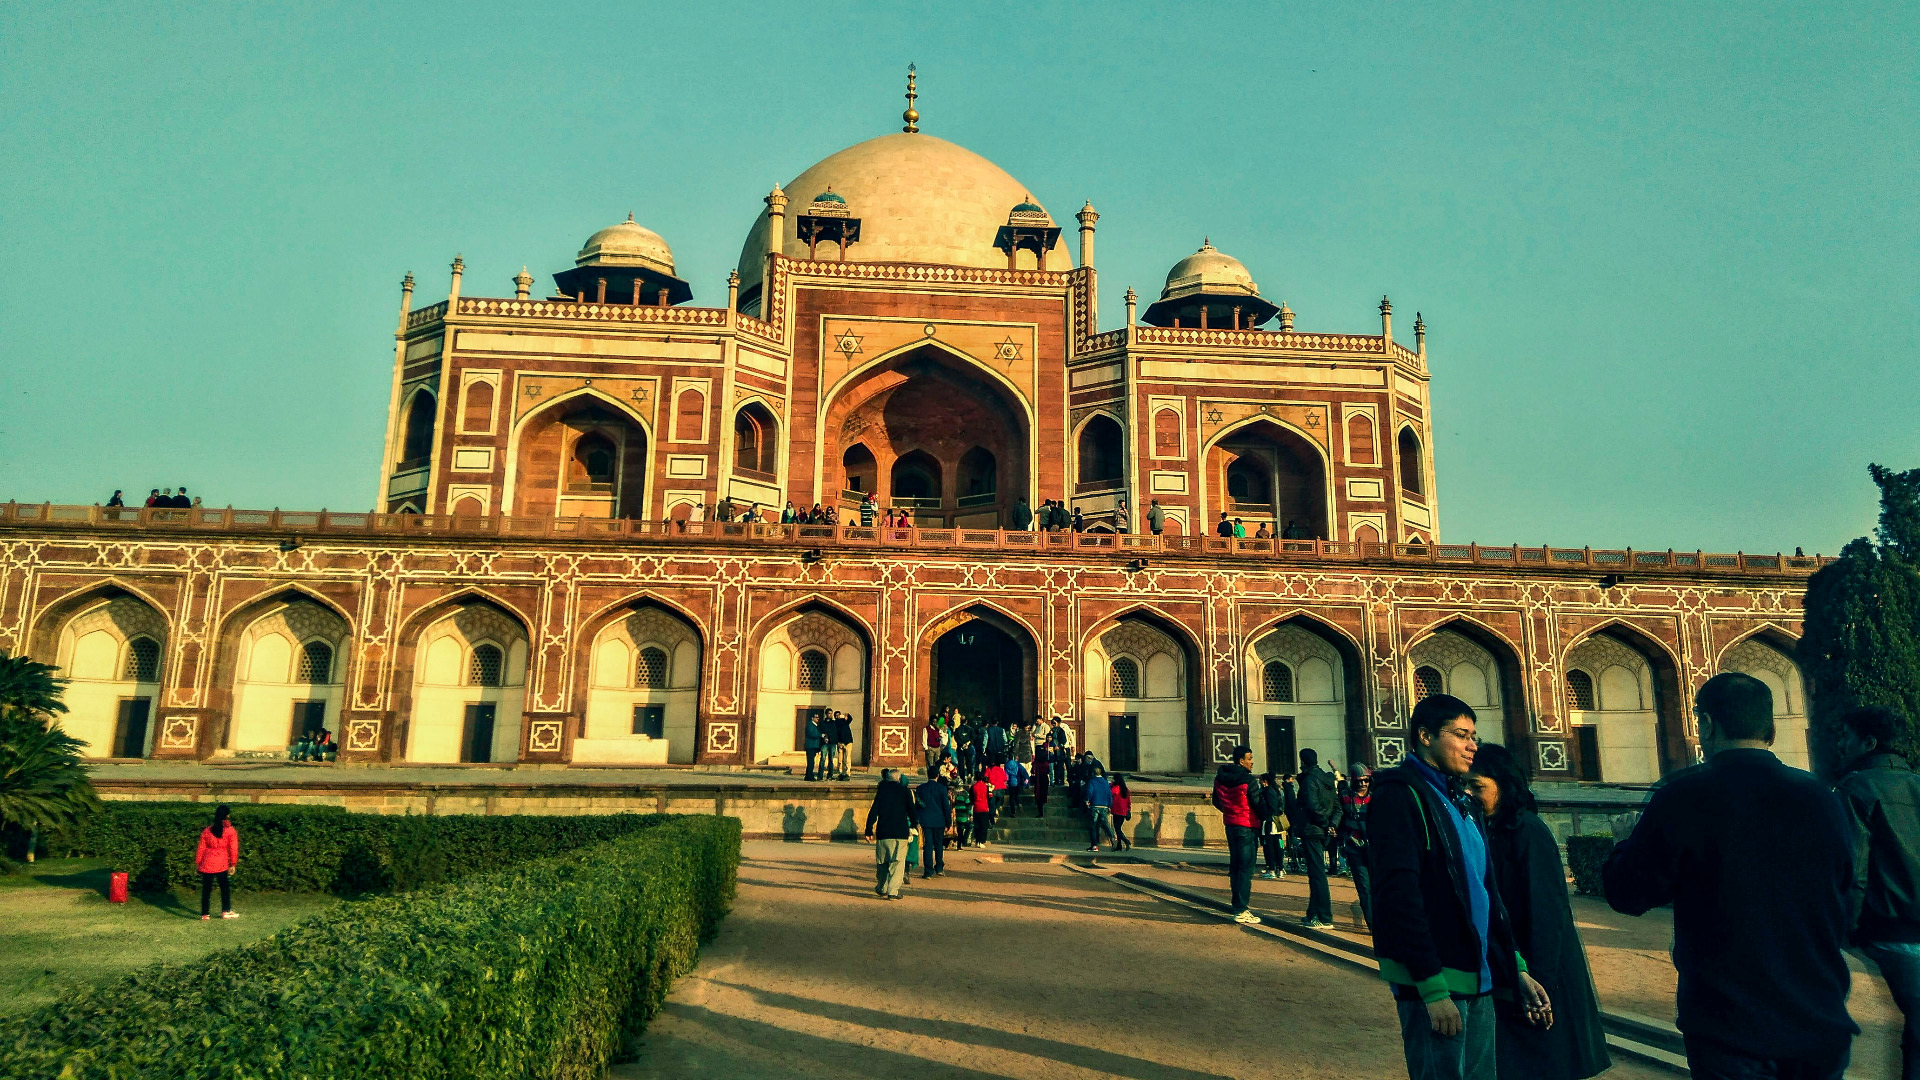 Heritage Tomb in Delhi